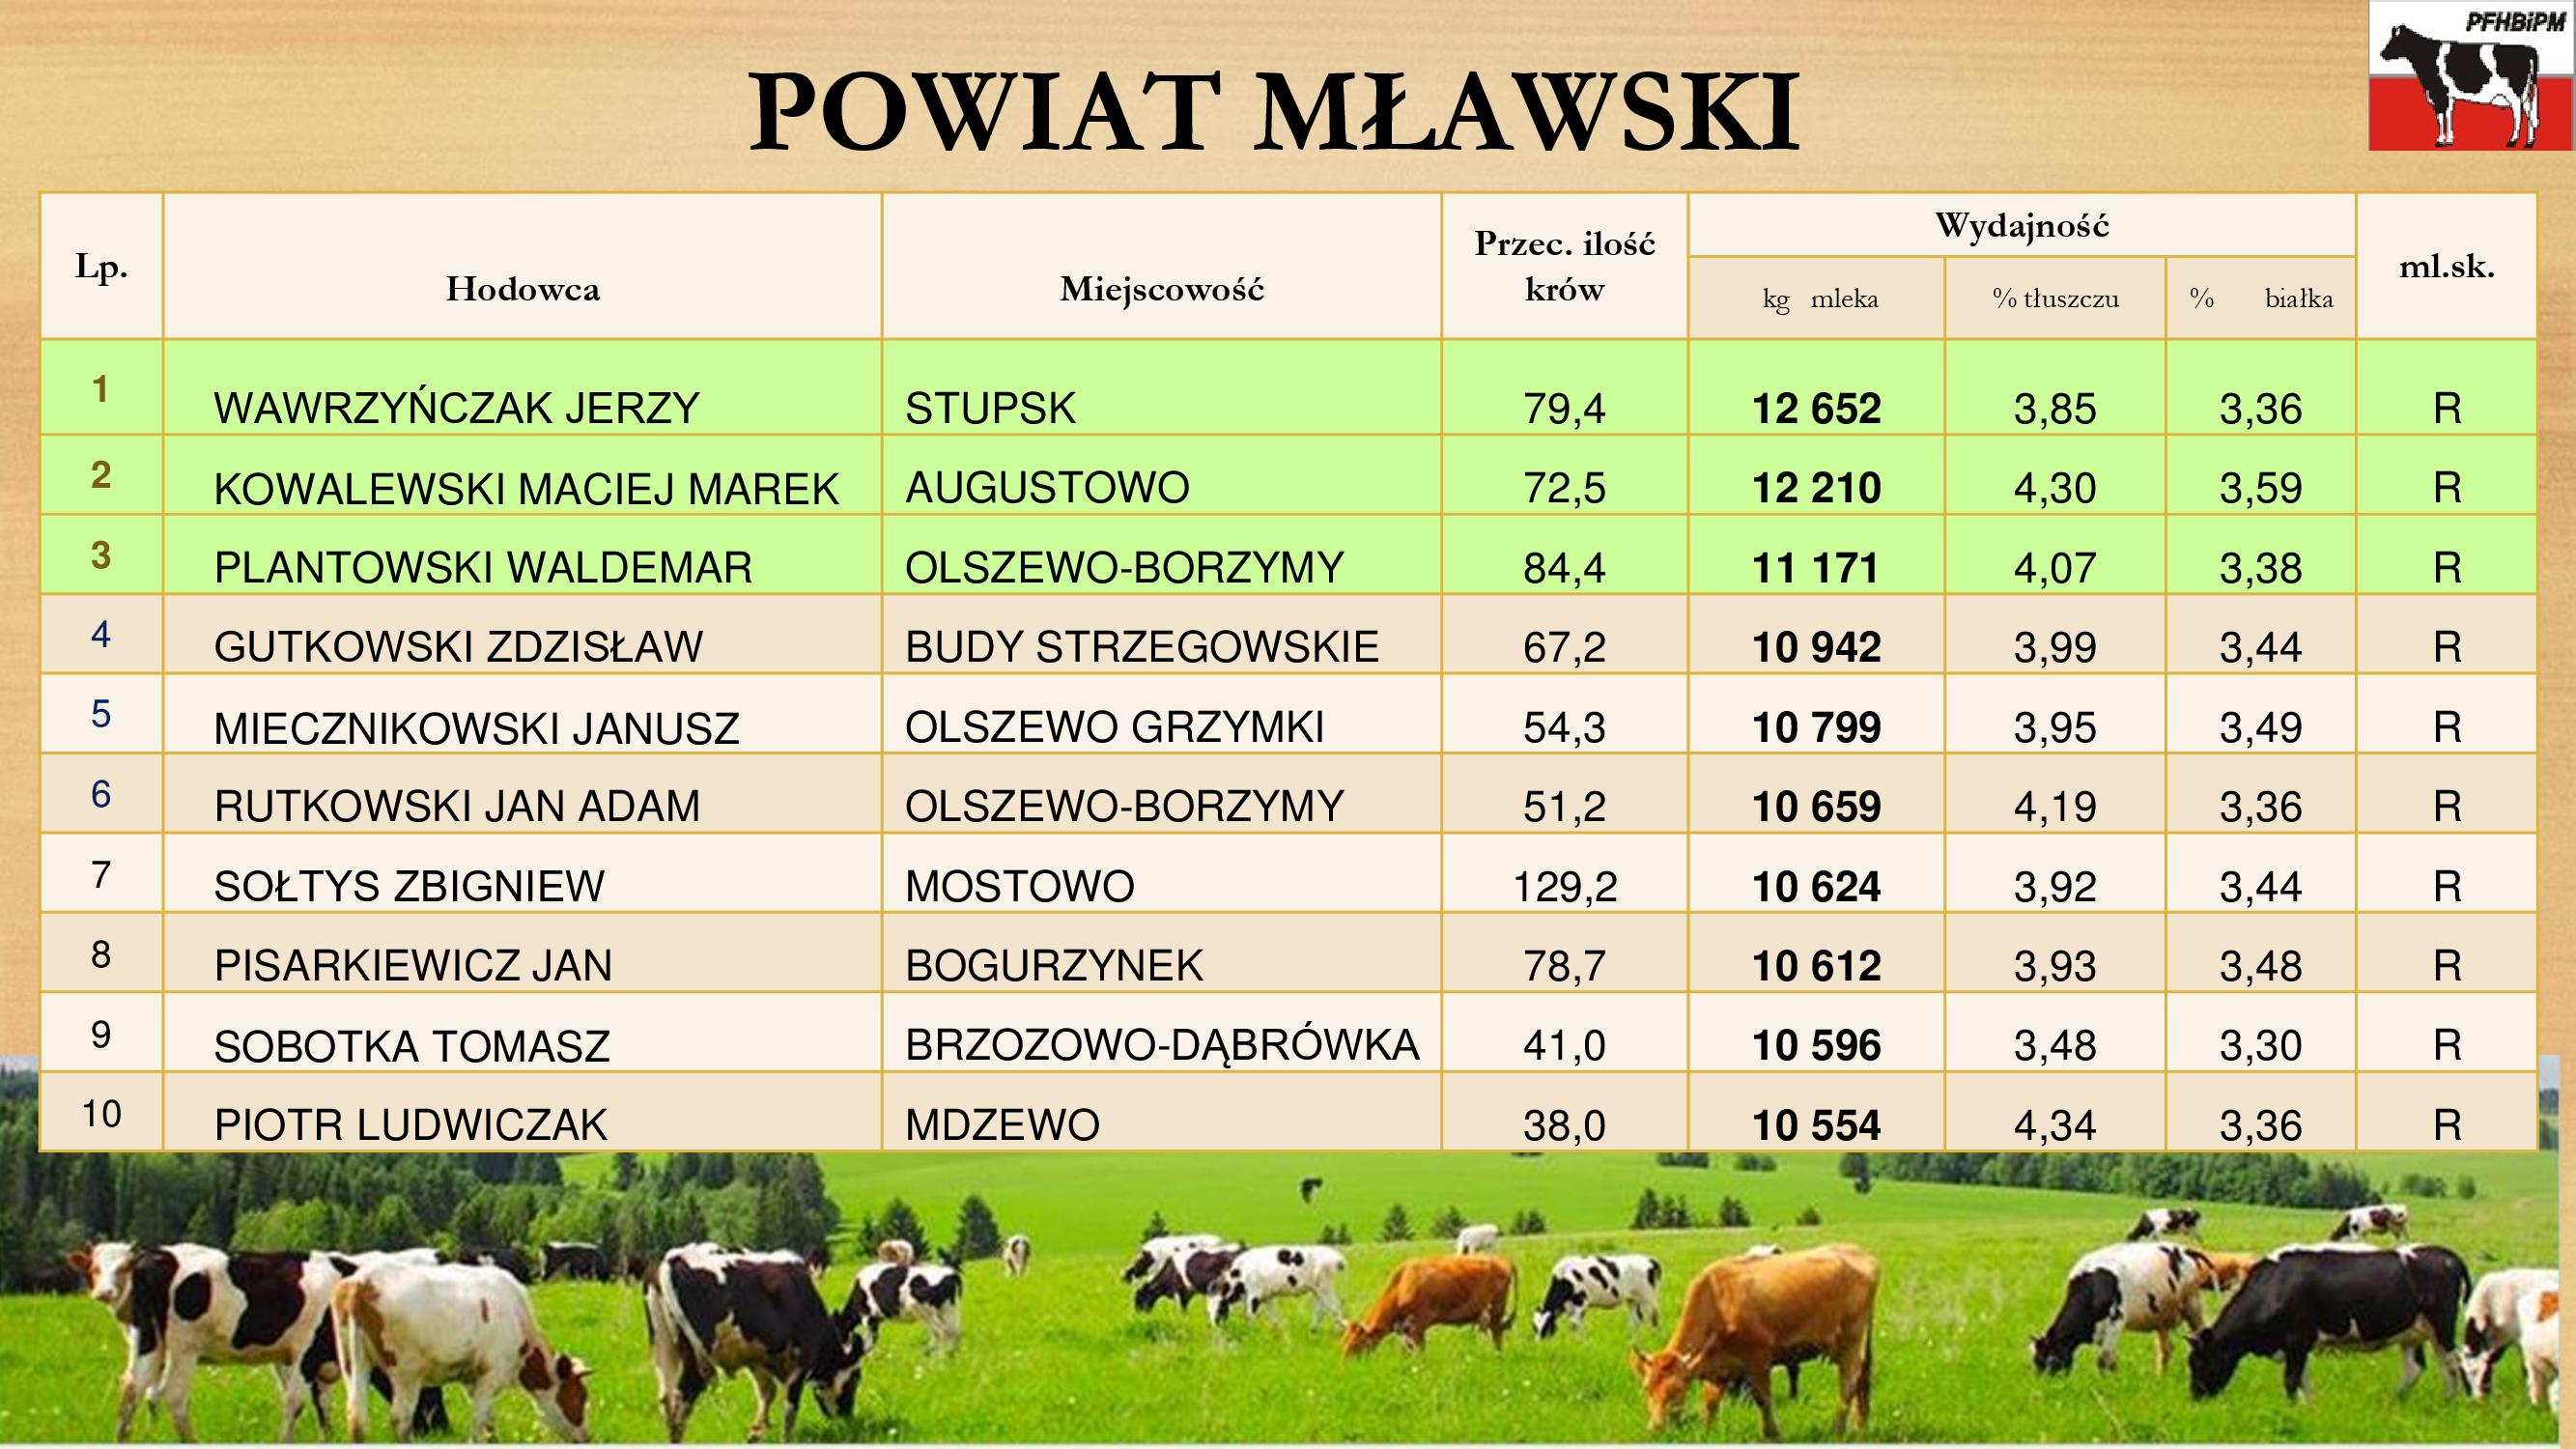 Powiat Mławski